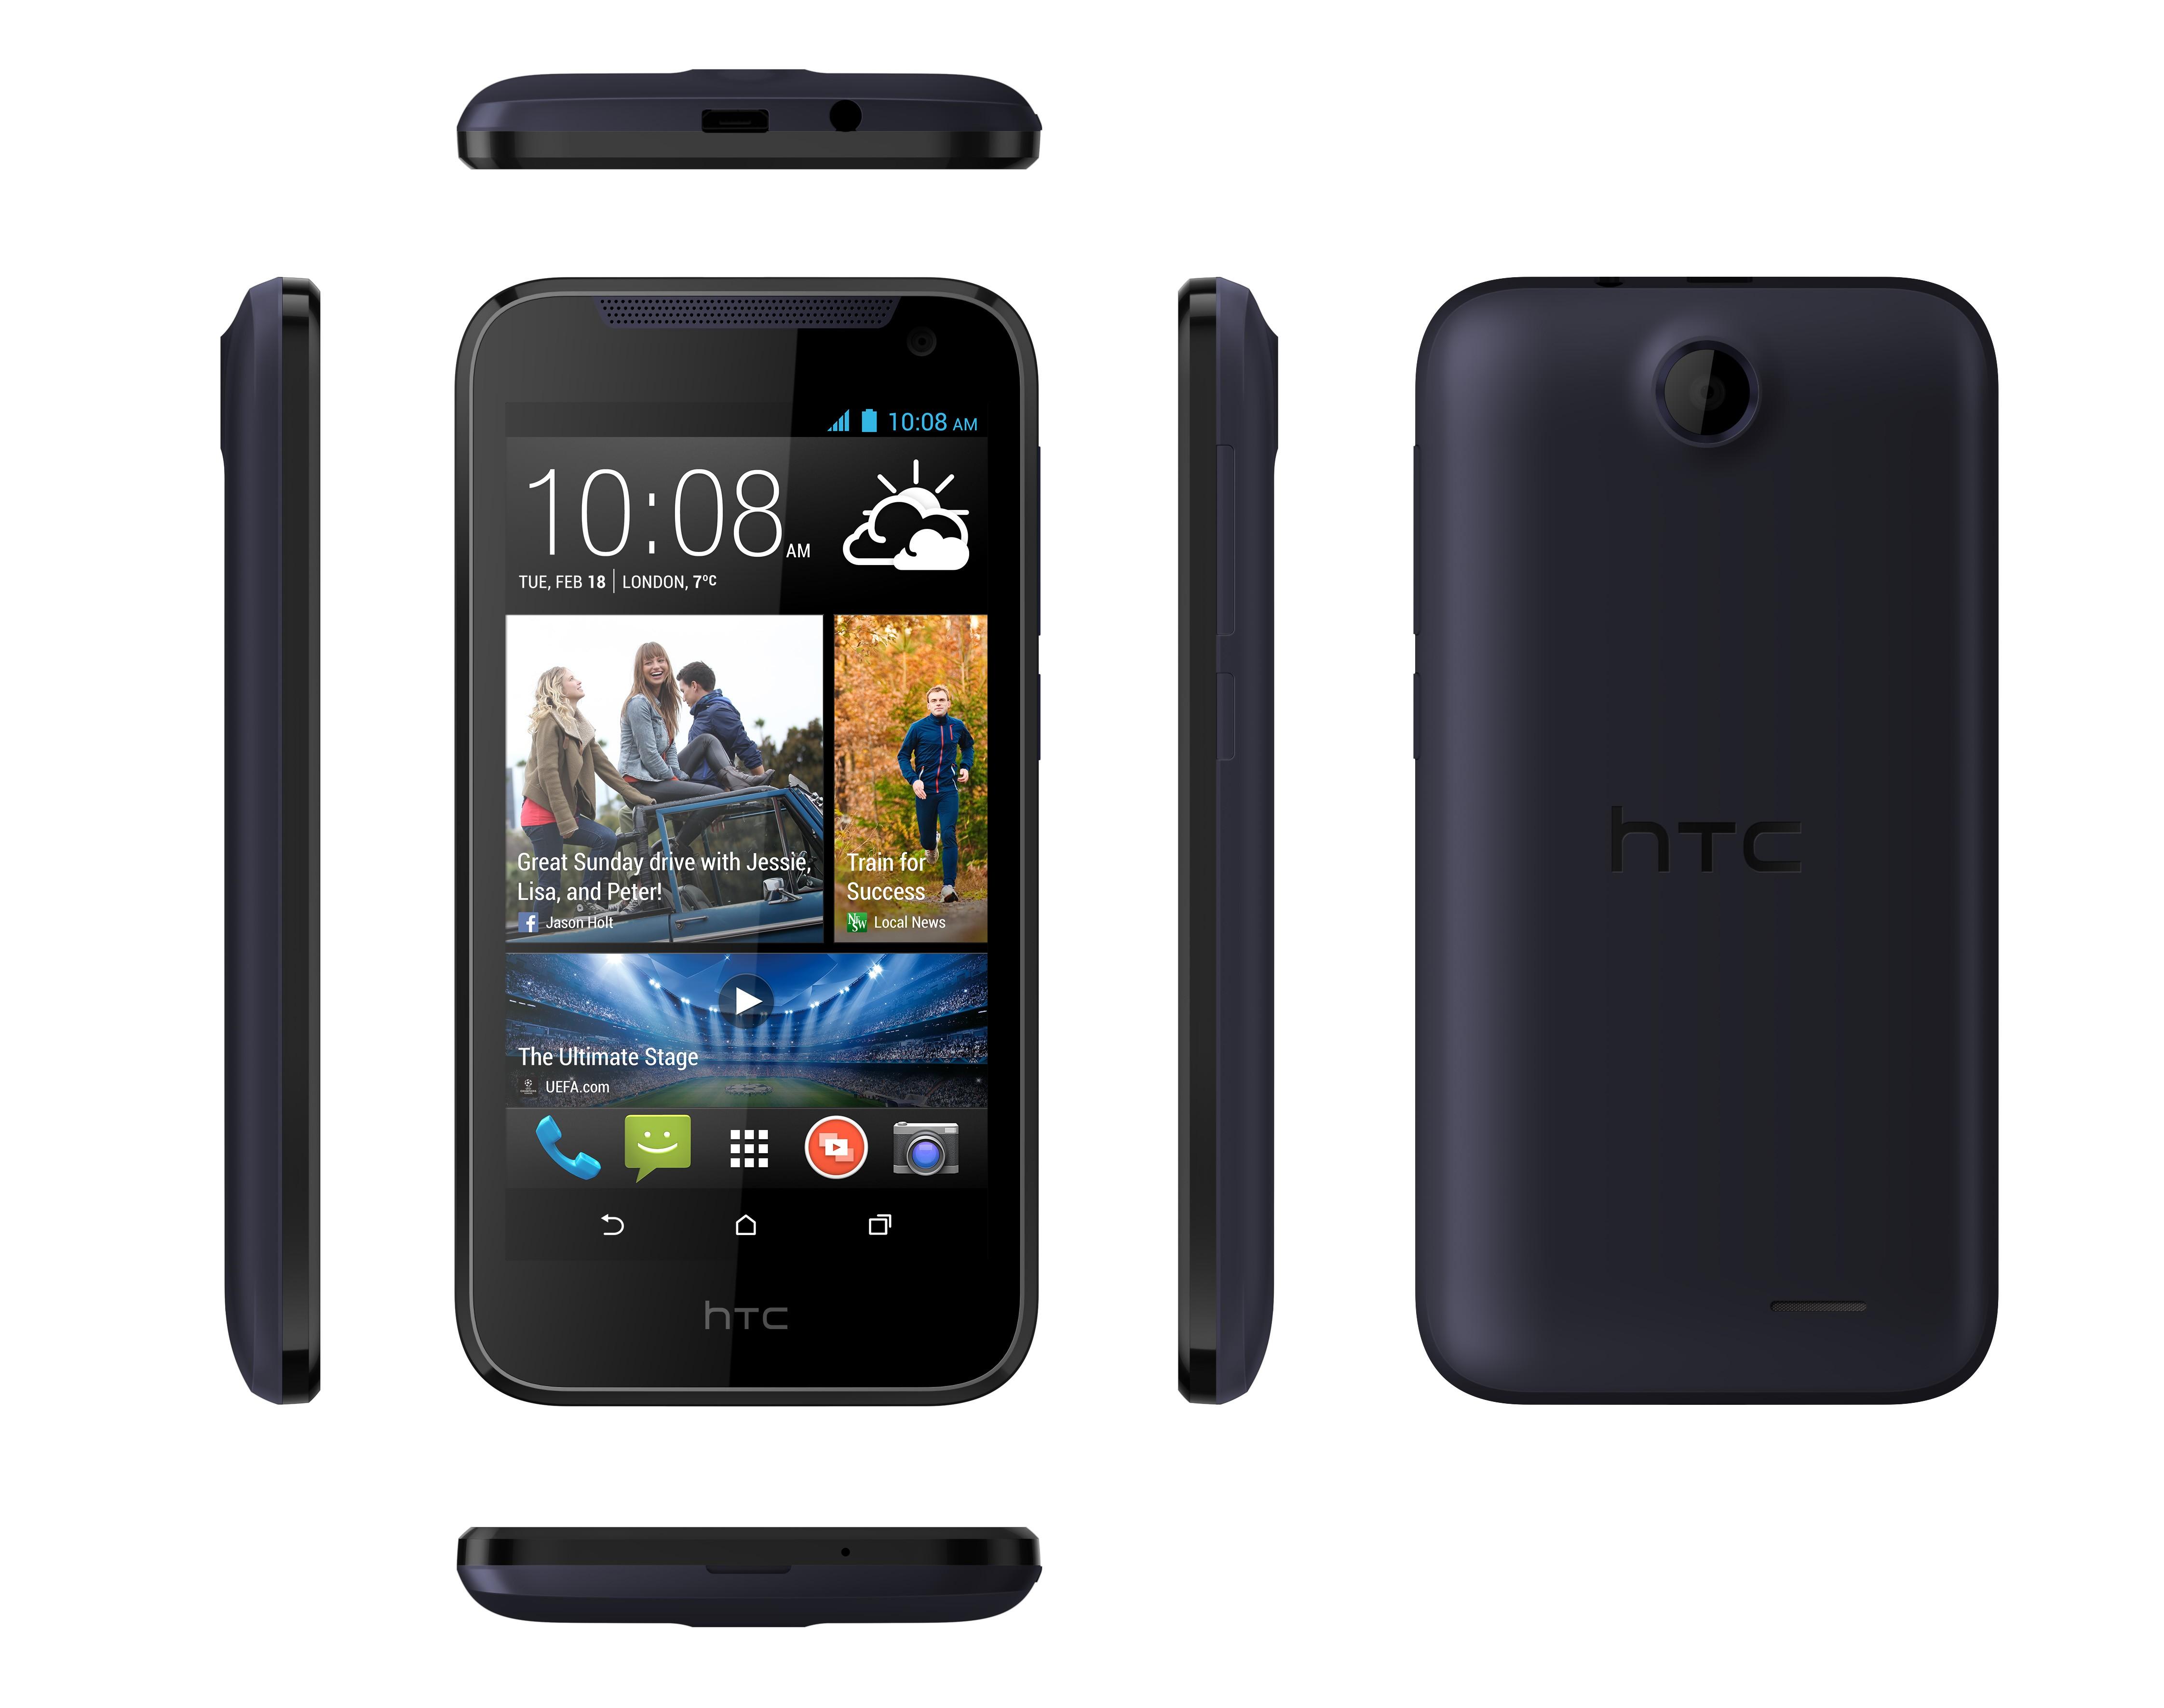 инструкция пользования телефона htc 616